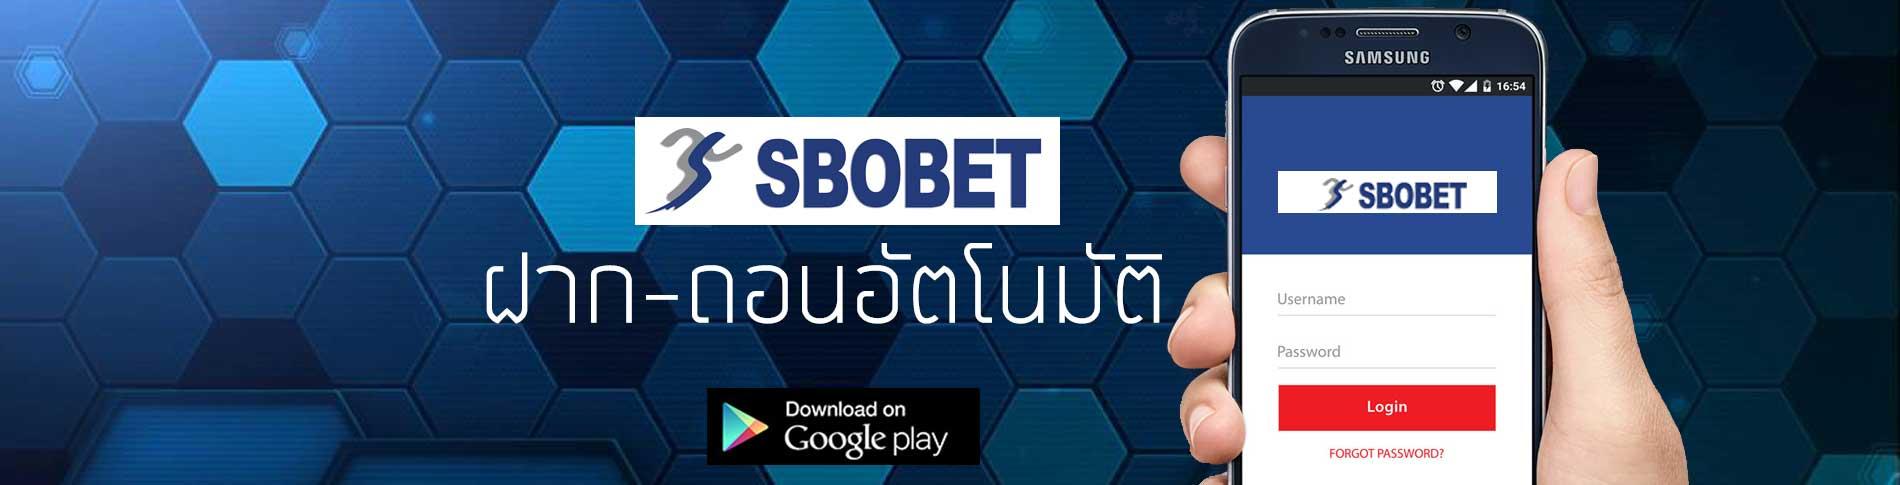 Ibcbet Mobile ช่องทางเข้า แทงบอลออนไลน์บนมือถือที่ดีที่สุดในประเทศไทย